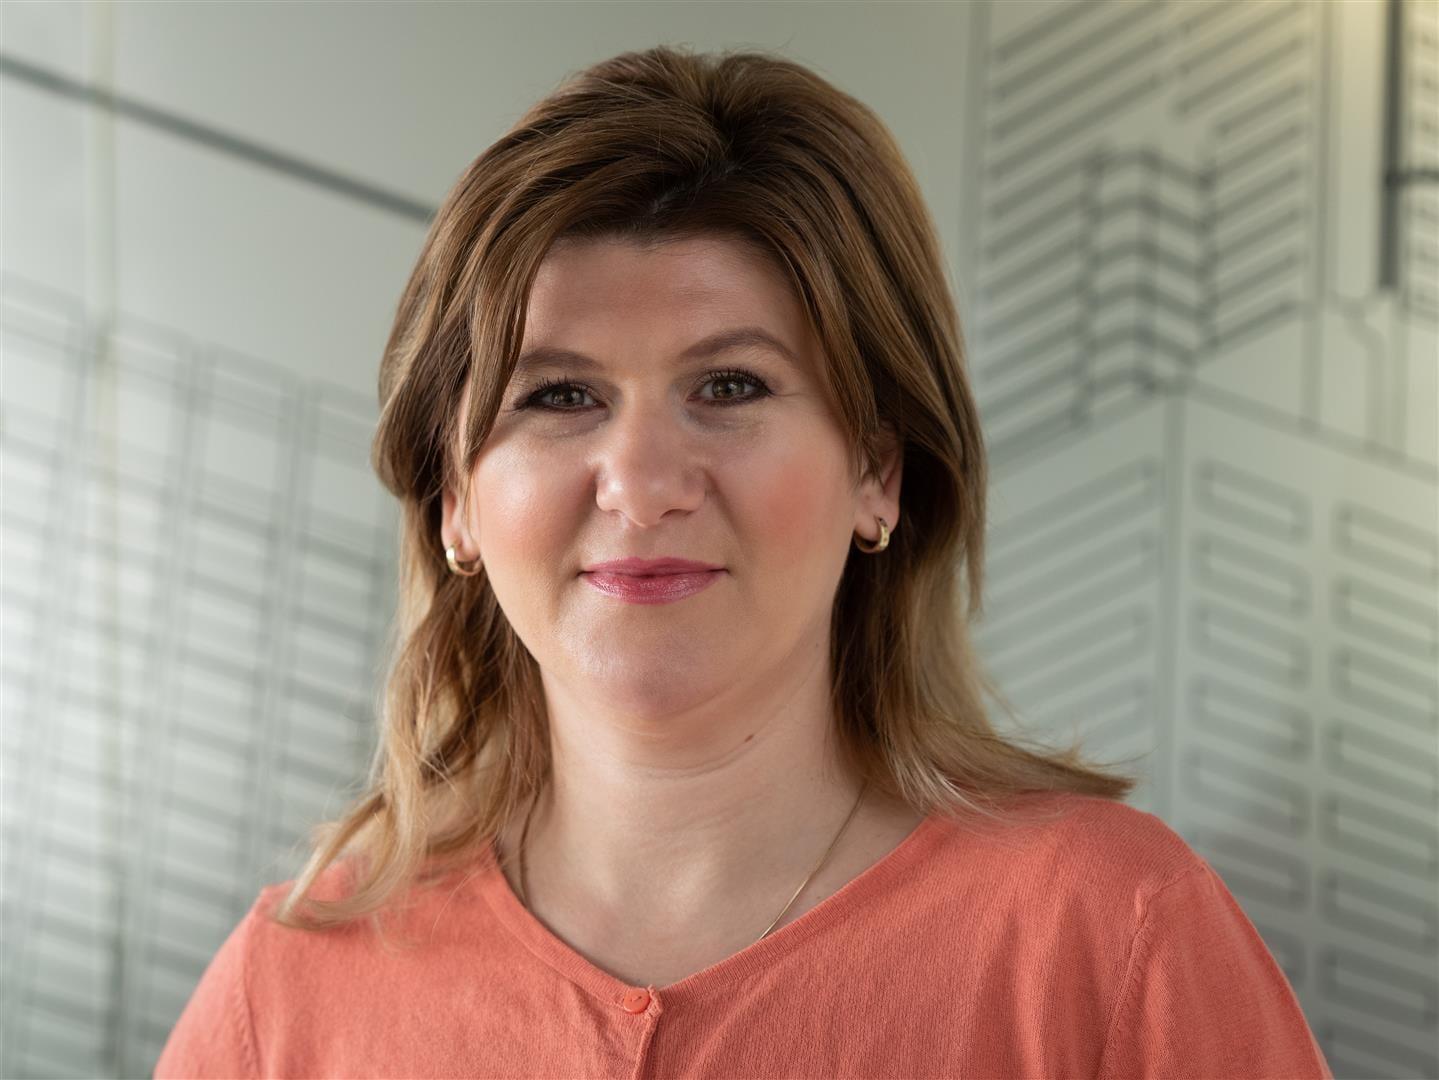 Laura Caisin